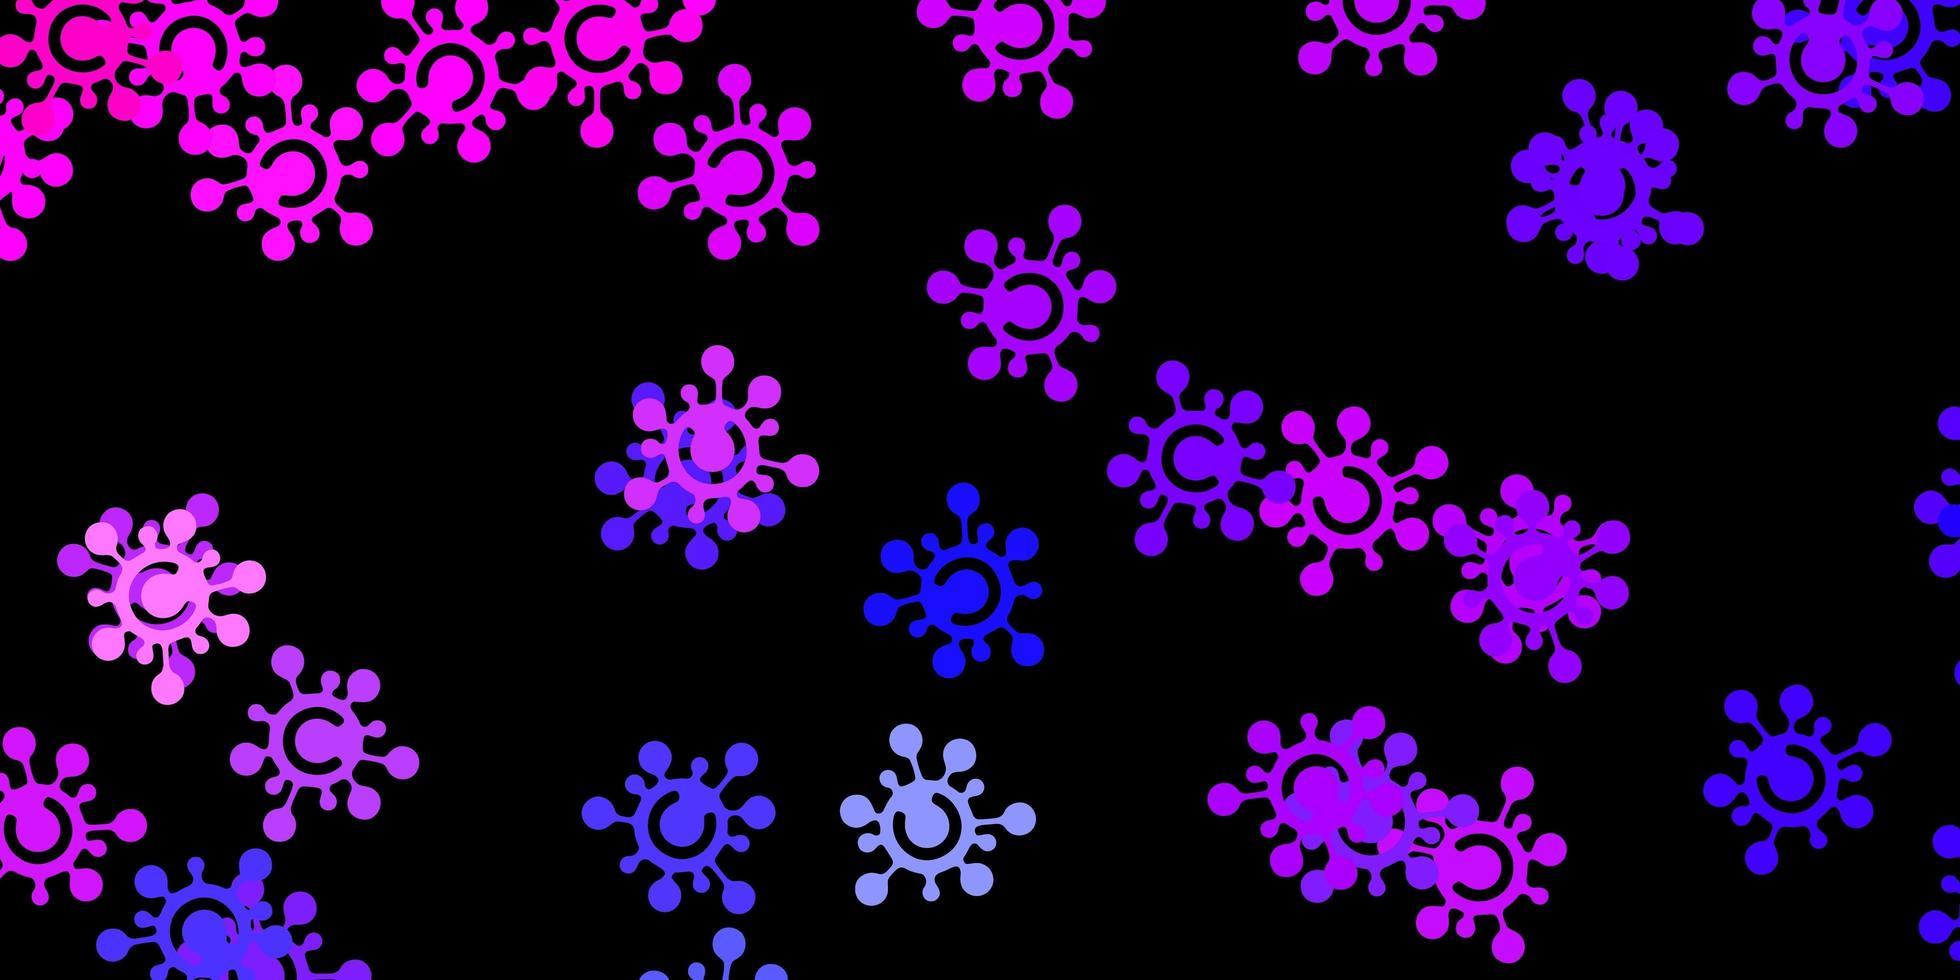 modèle vectoriel rose foncé, bleu avec des éléments de coronavirus.